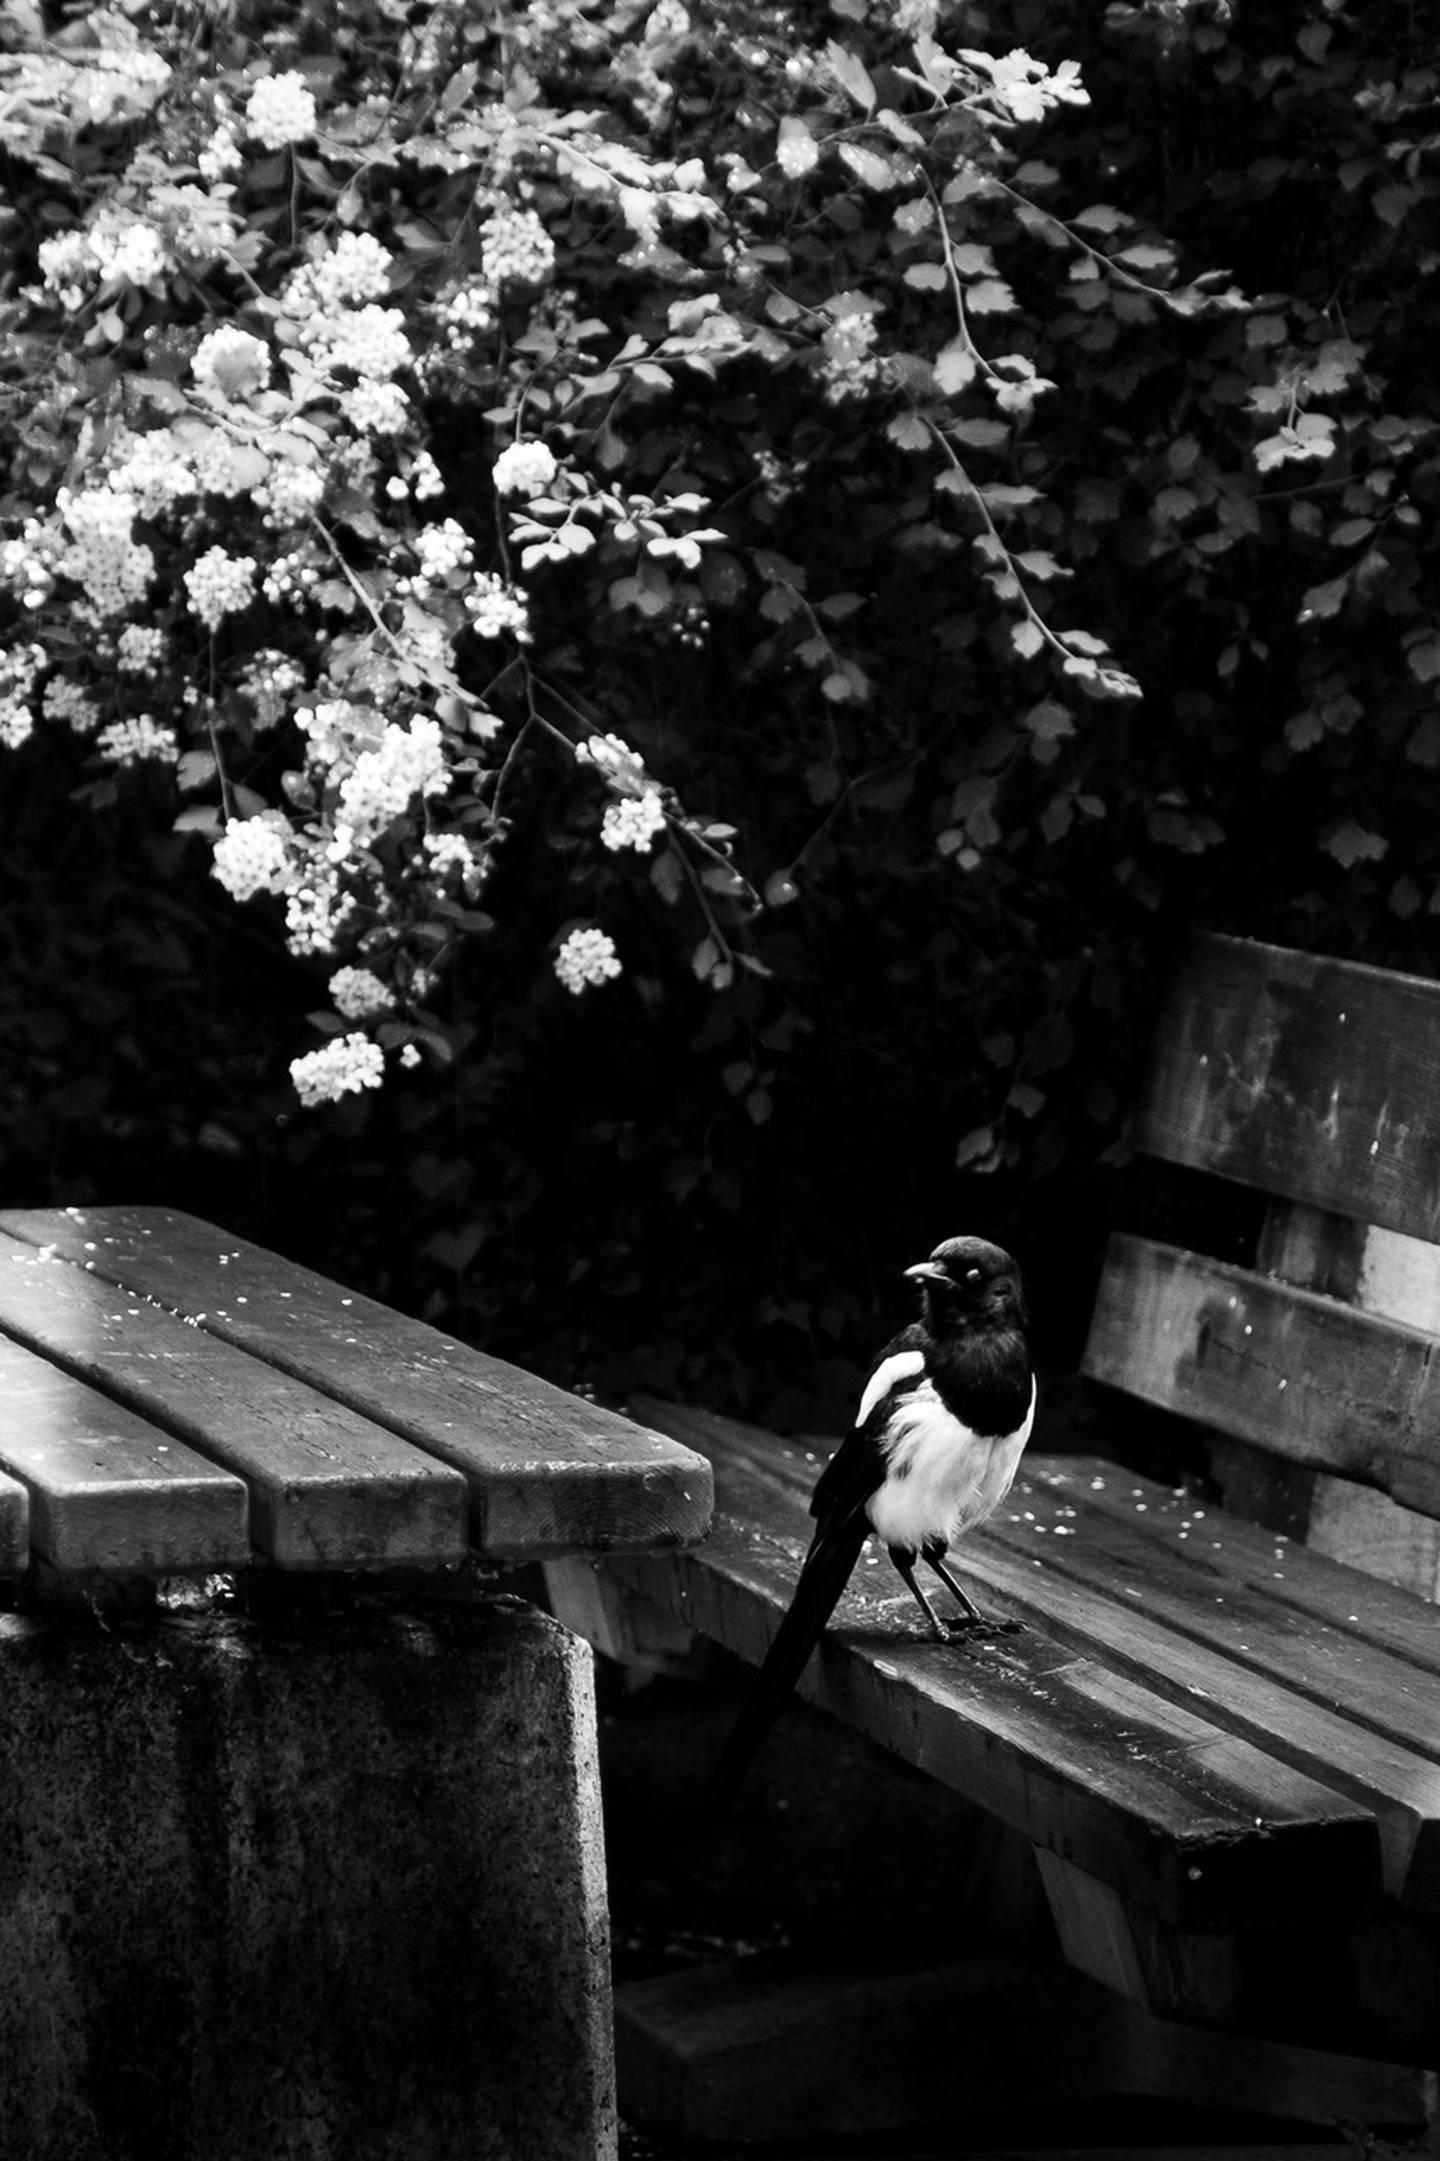 Ta Tiden fotoprosjekt av Noah Gylver - publiseres kun med tillatelse!!